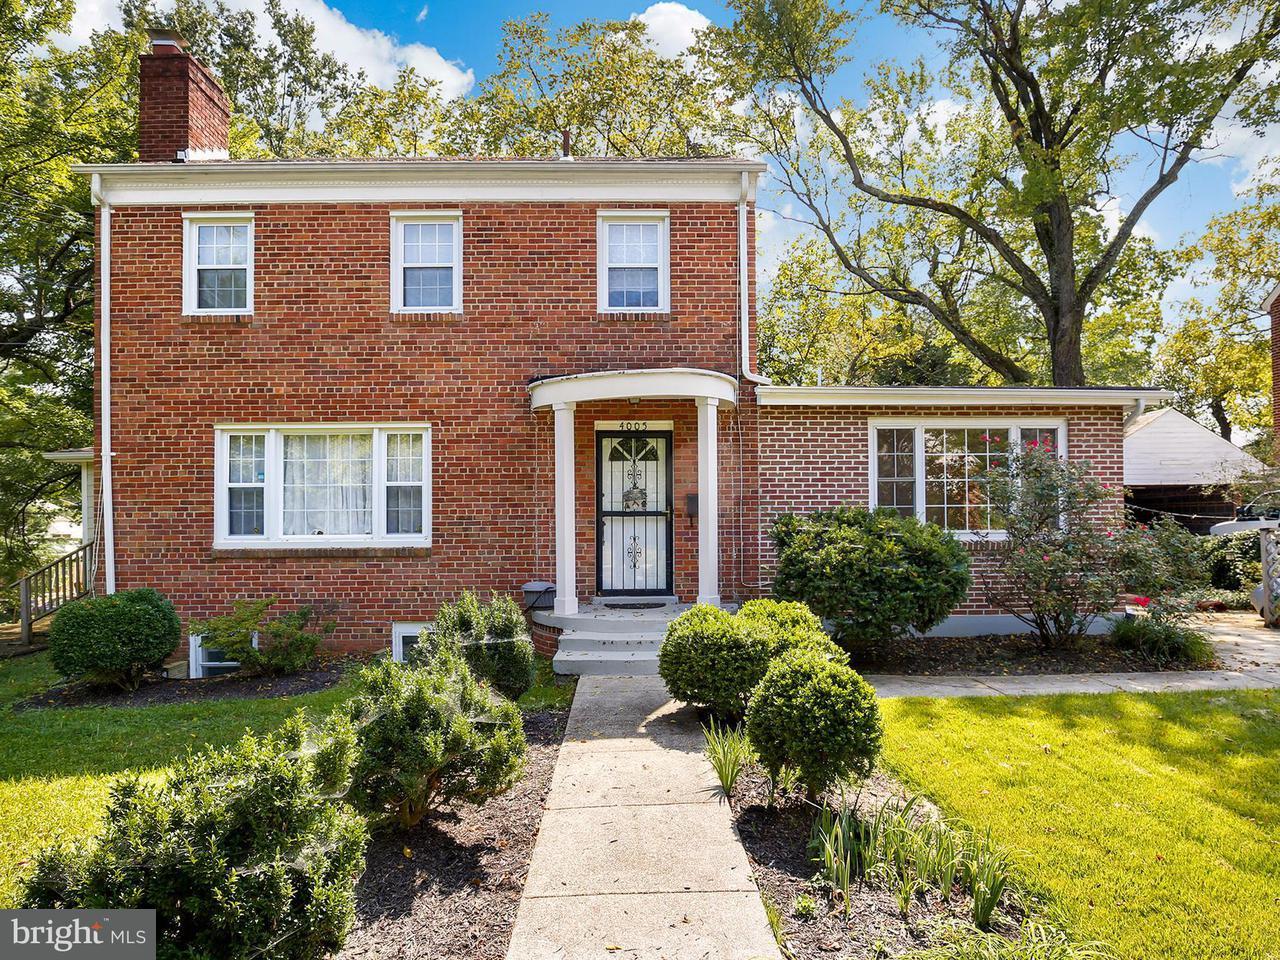 Μονοκατοικία για την Πώληση στο 4005 QUEENSBURY Road 4005 QUEENSBURY Road Hyattsville, Μεριλαντ 20782 Ηνωμενεσ Πολιτειεσ